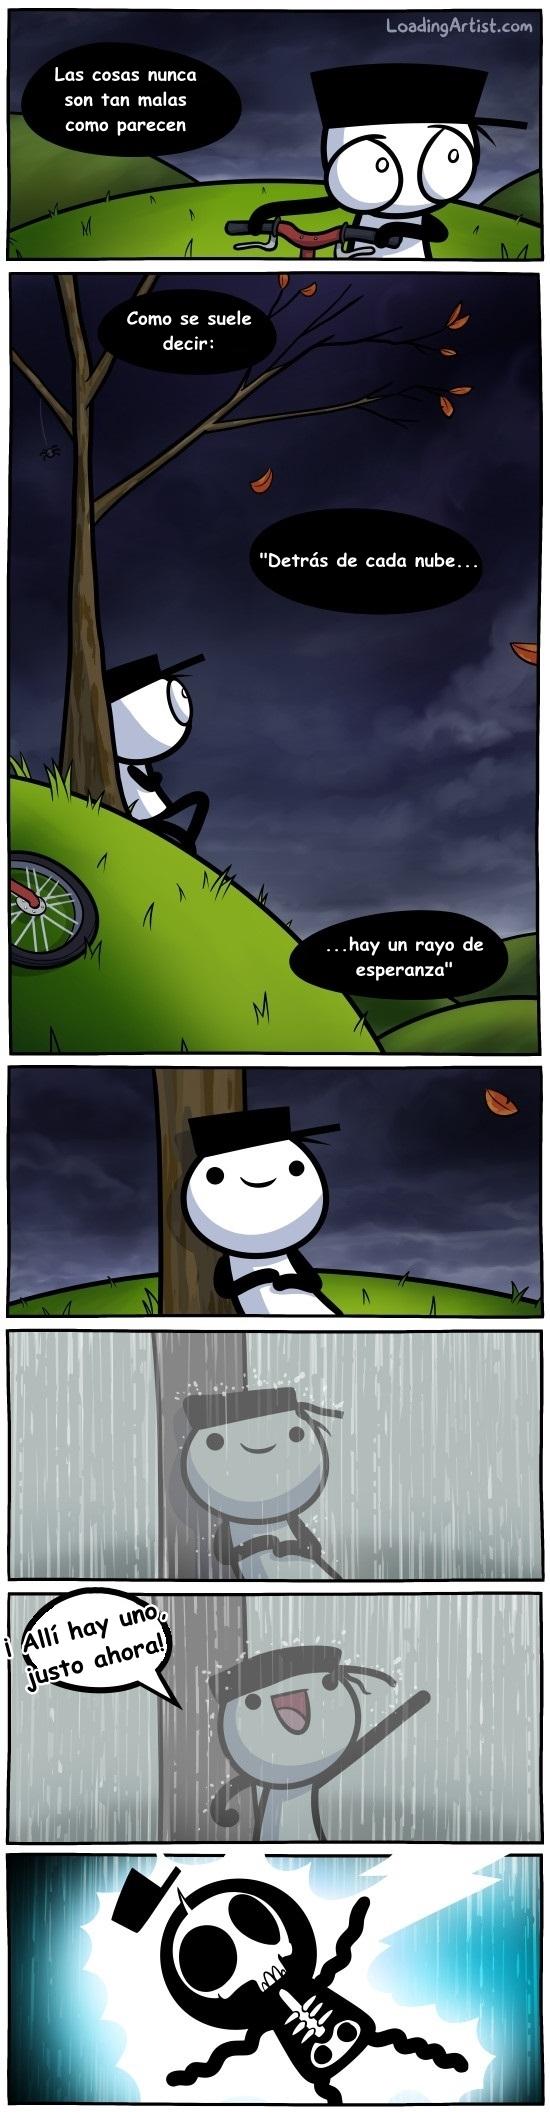 Otros - Siempre hay un rayo de esperanza, siempre